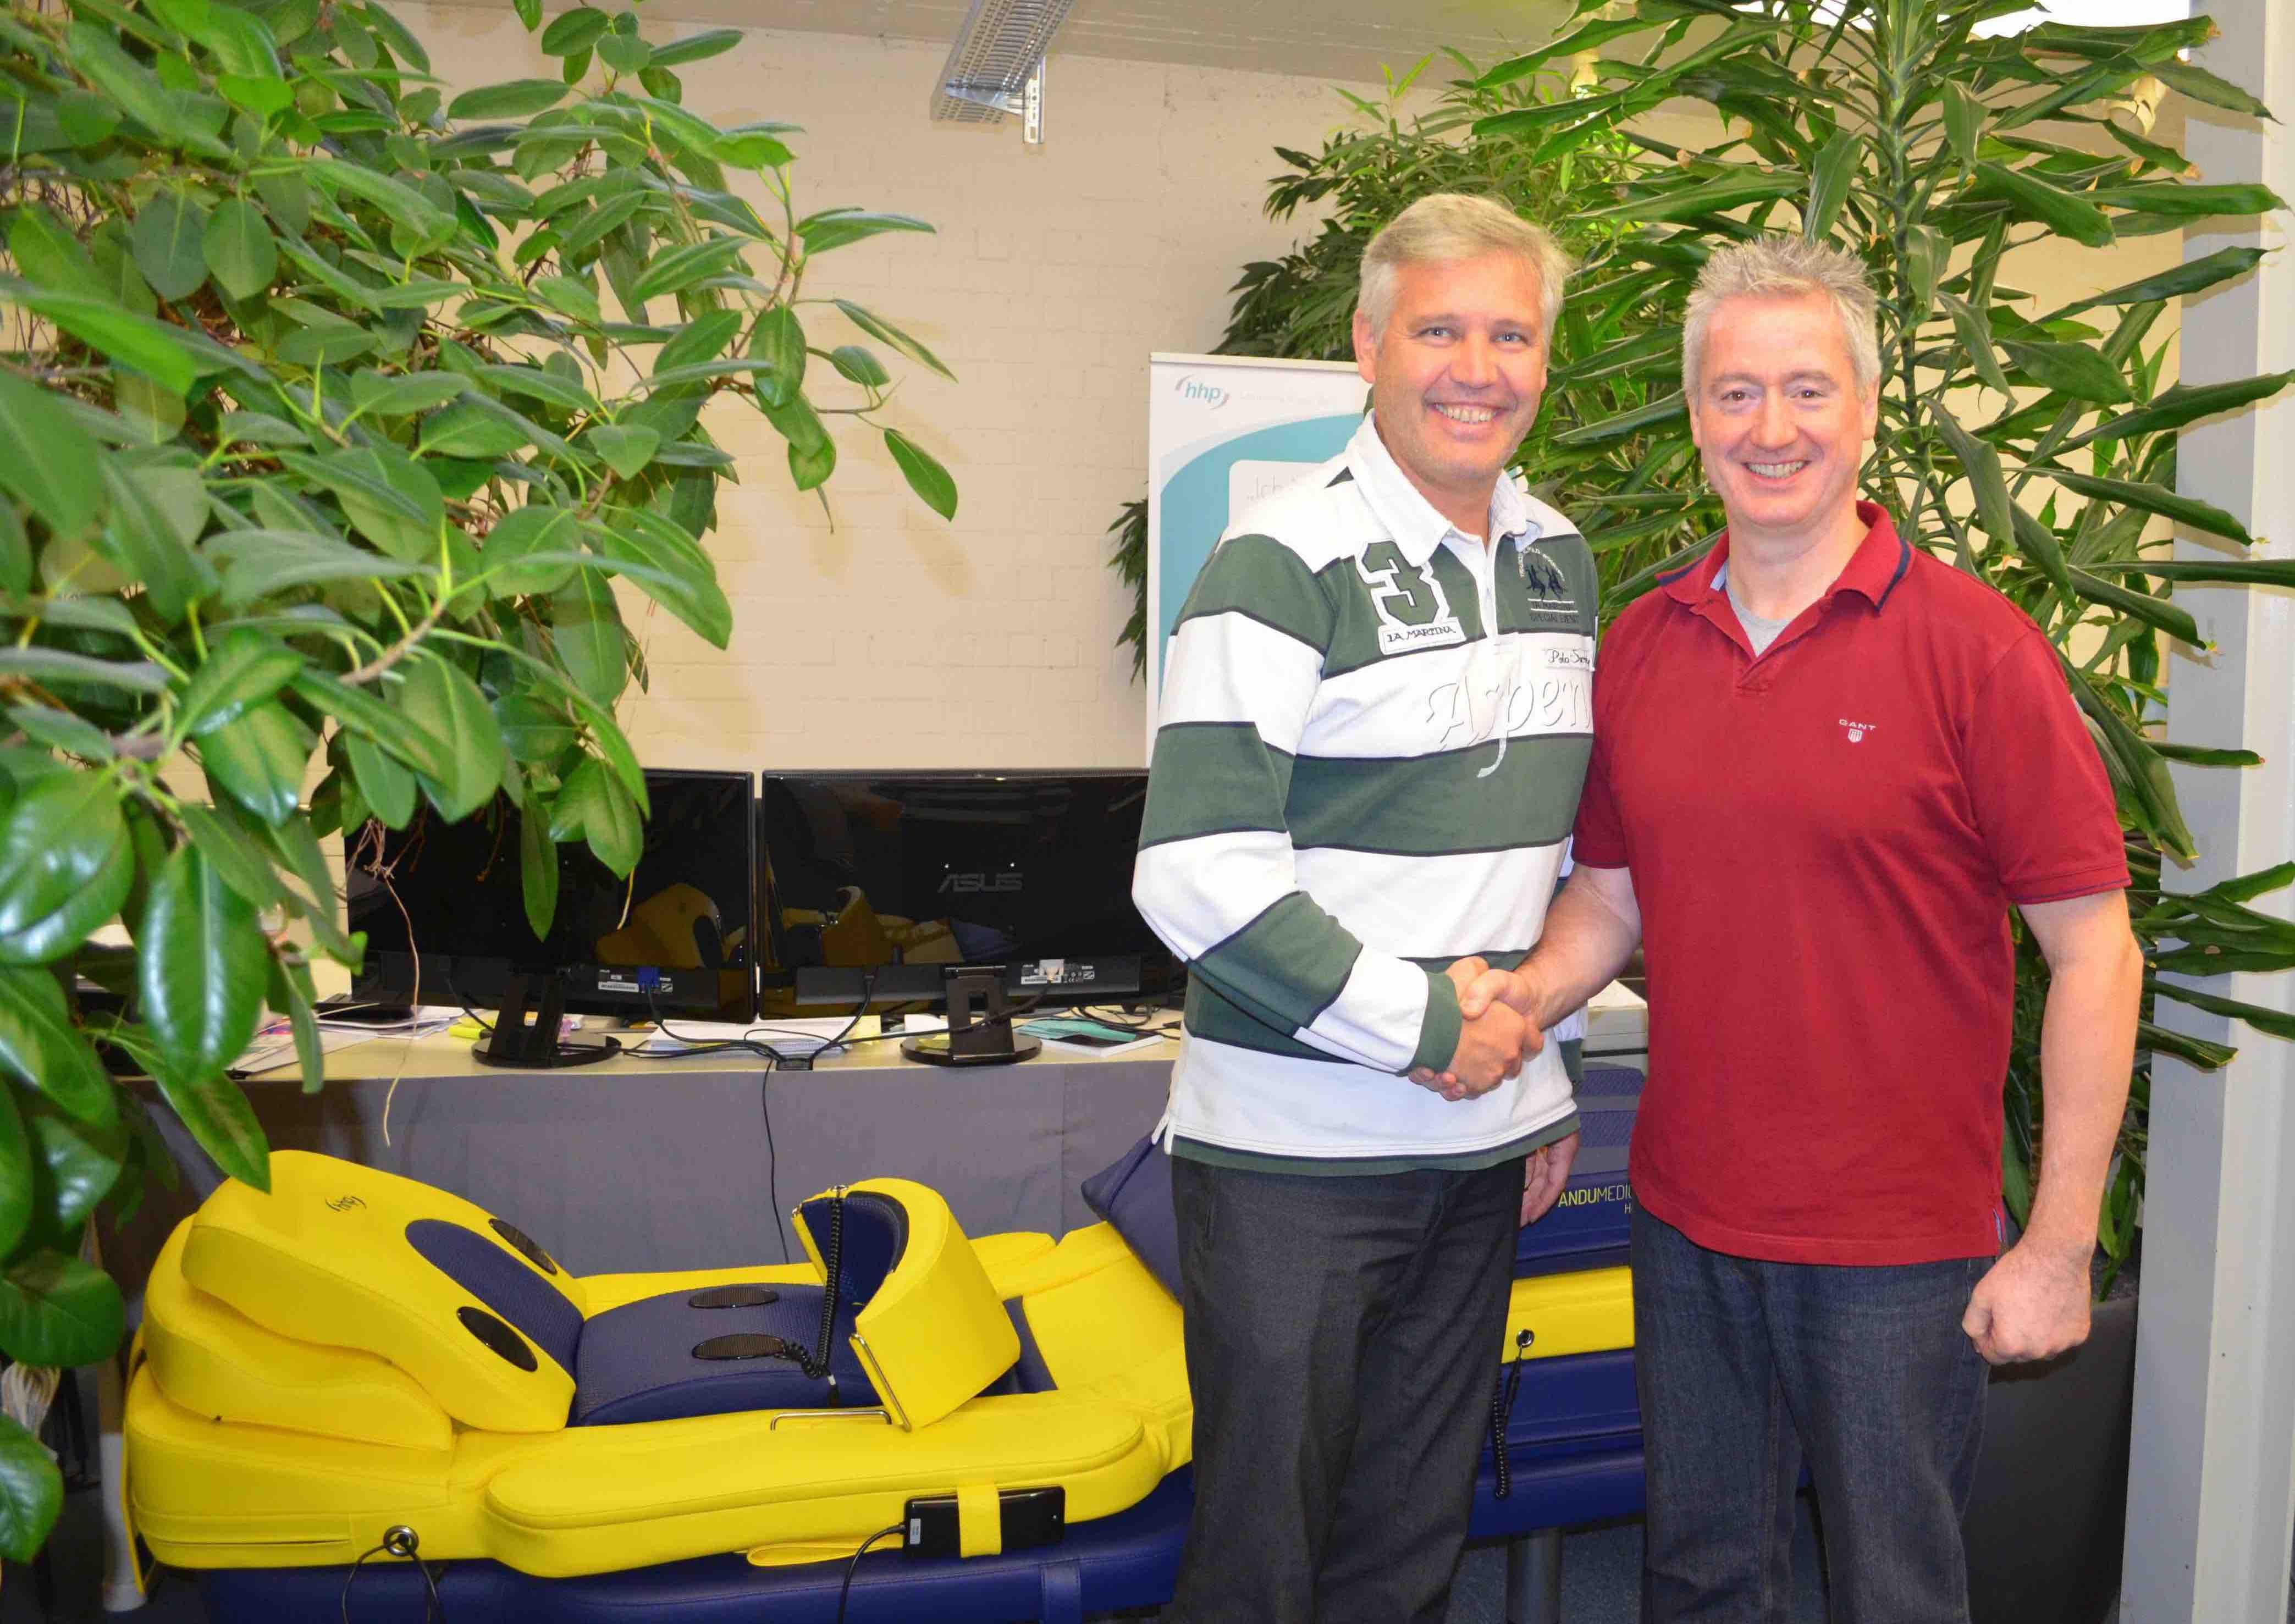 Prod Dr Stutz and Paul Hopfensperger MIfHI